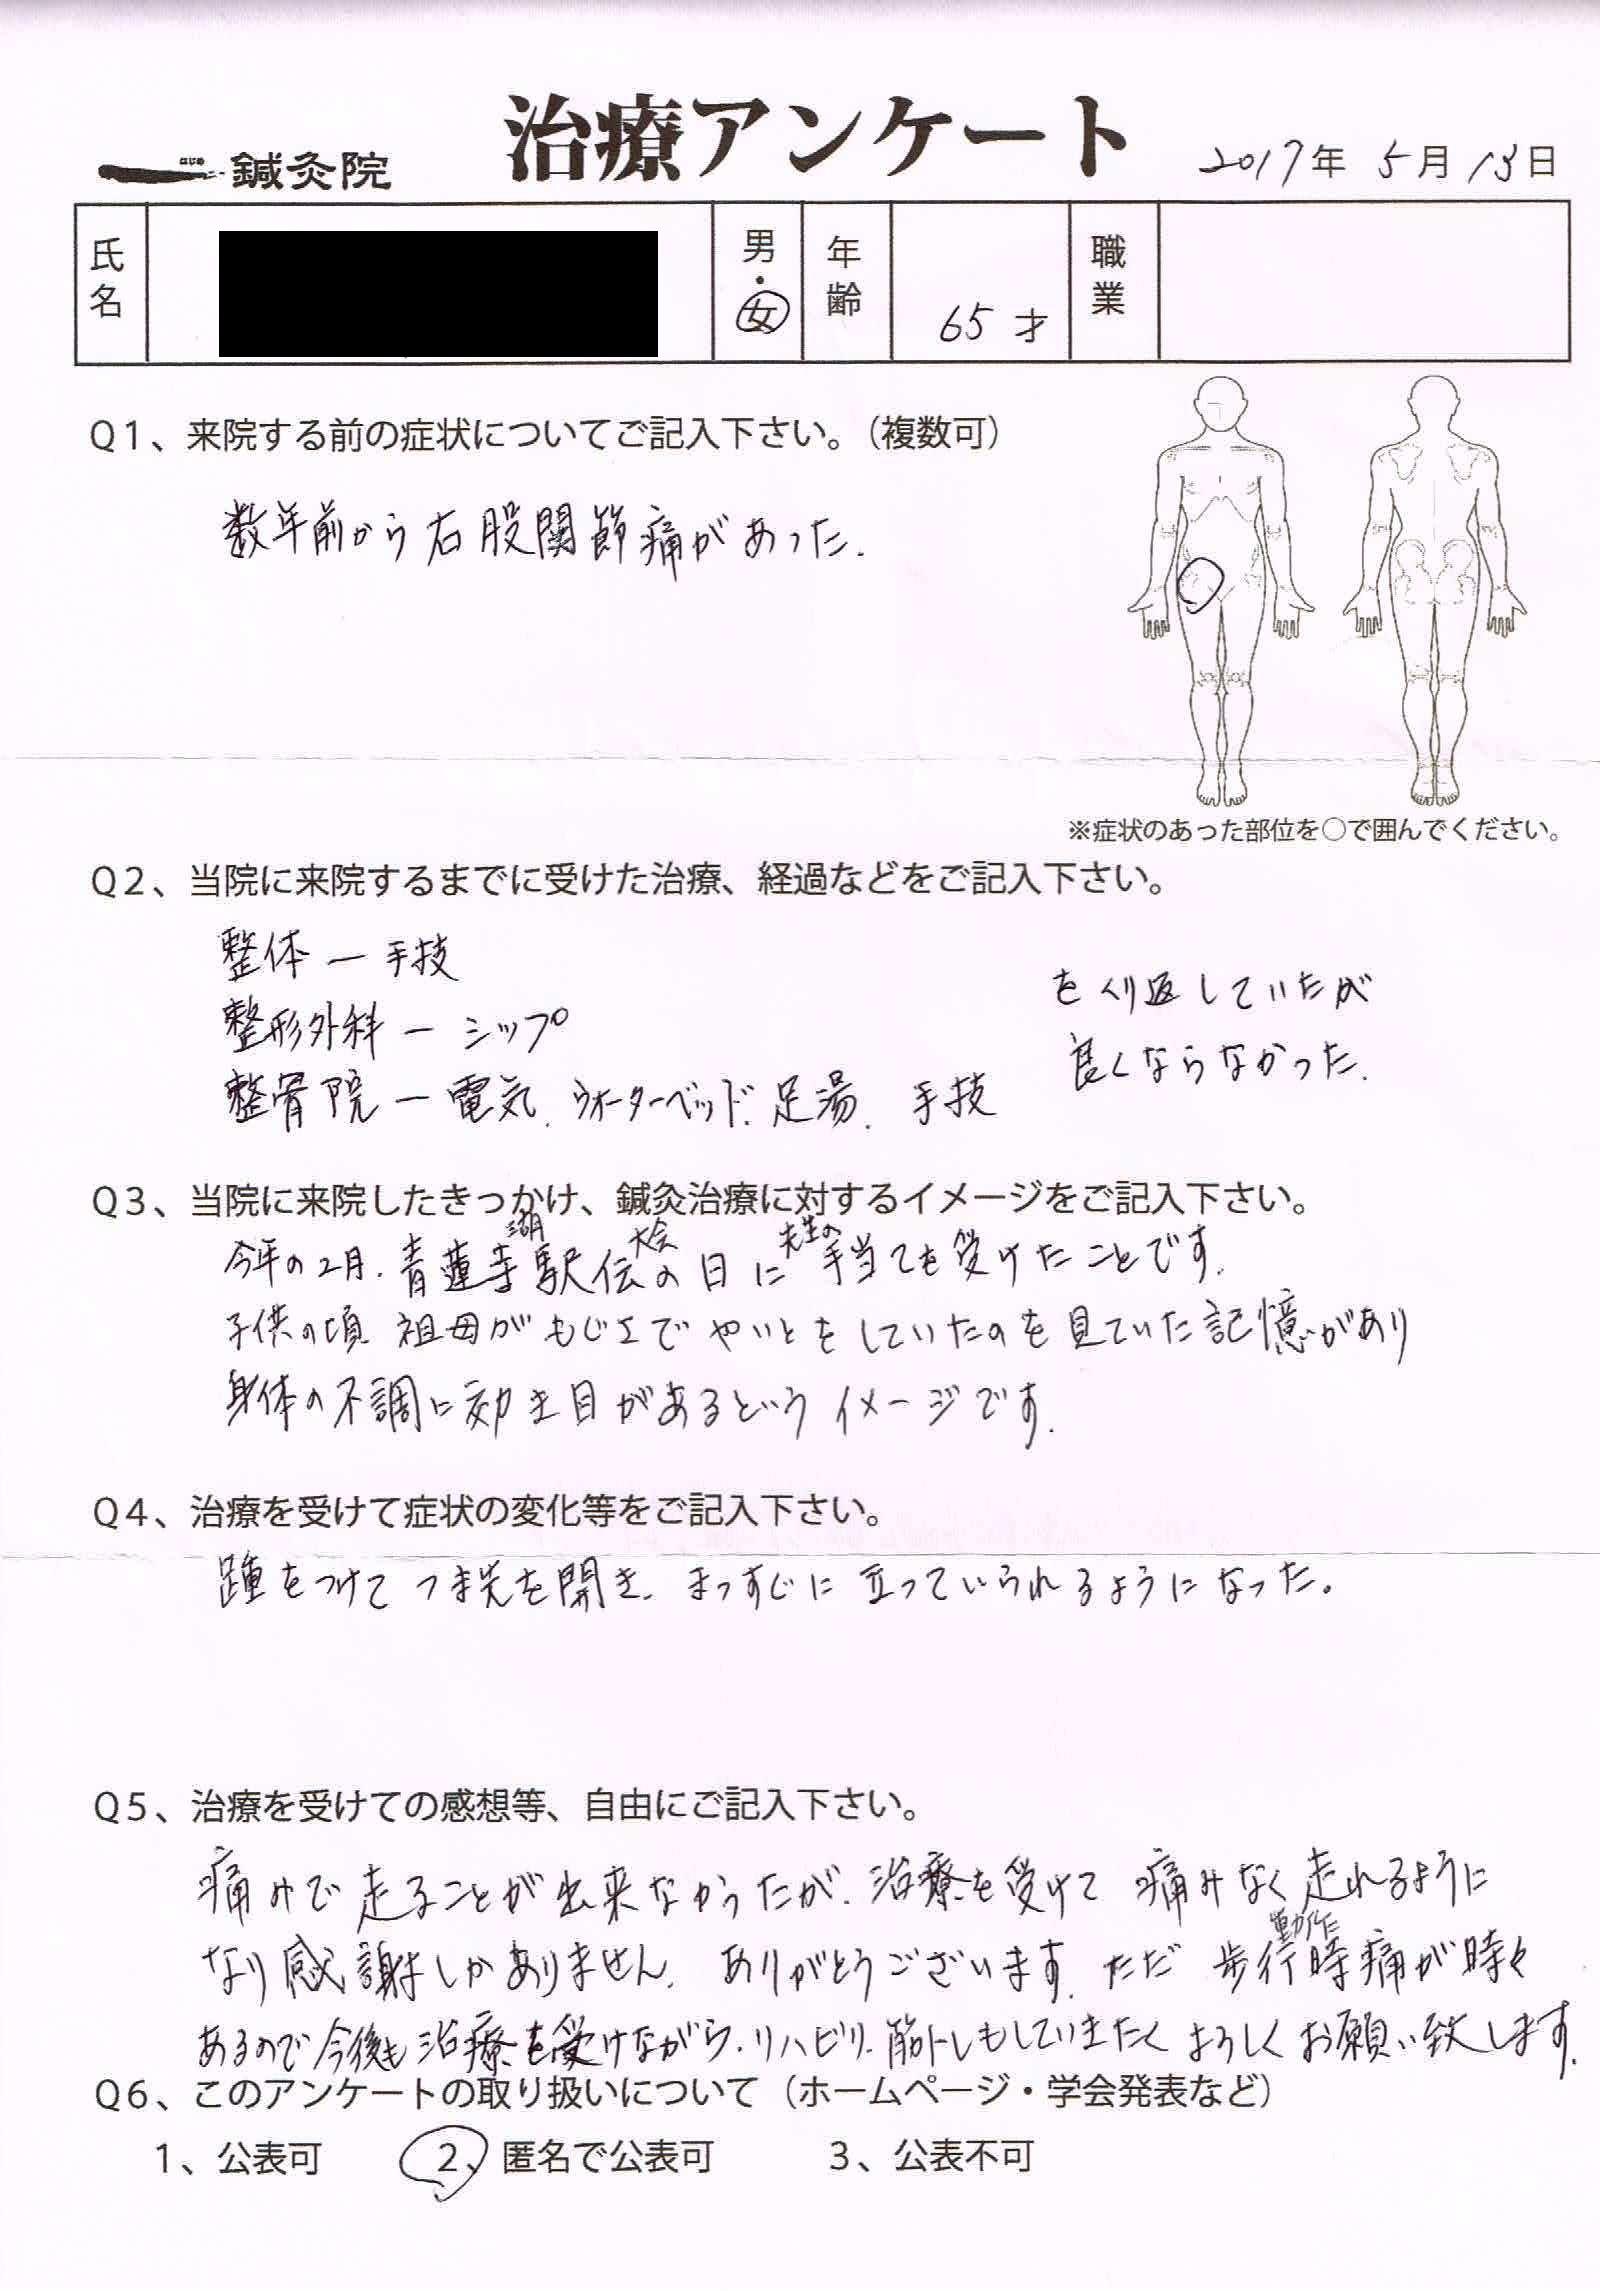 シニアランナーの股関節痛